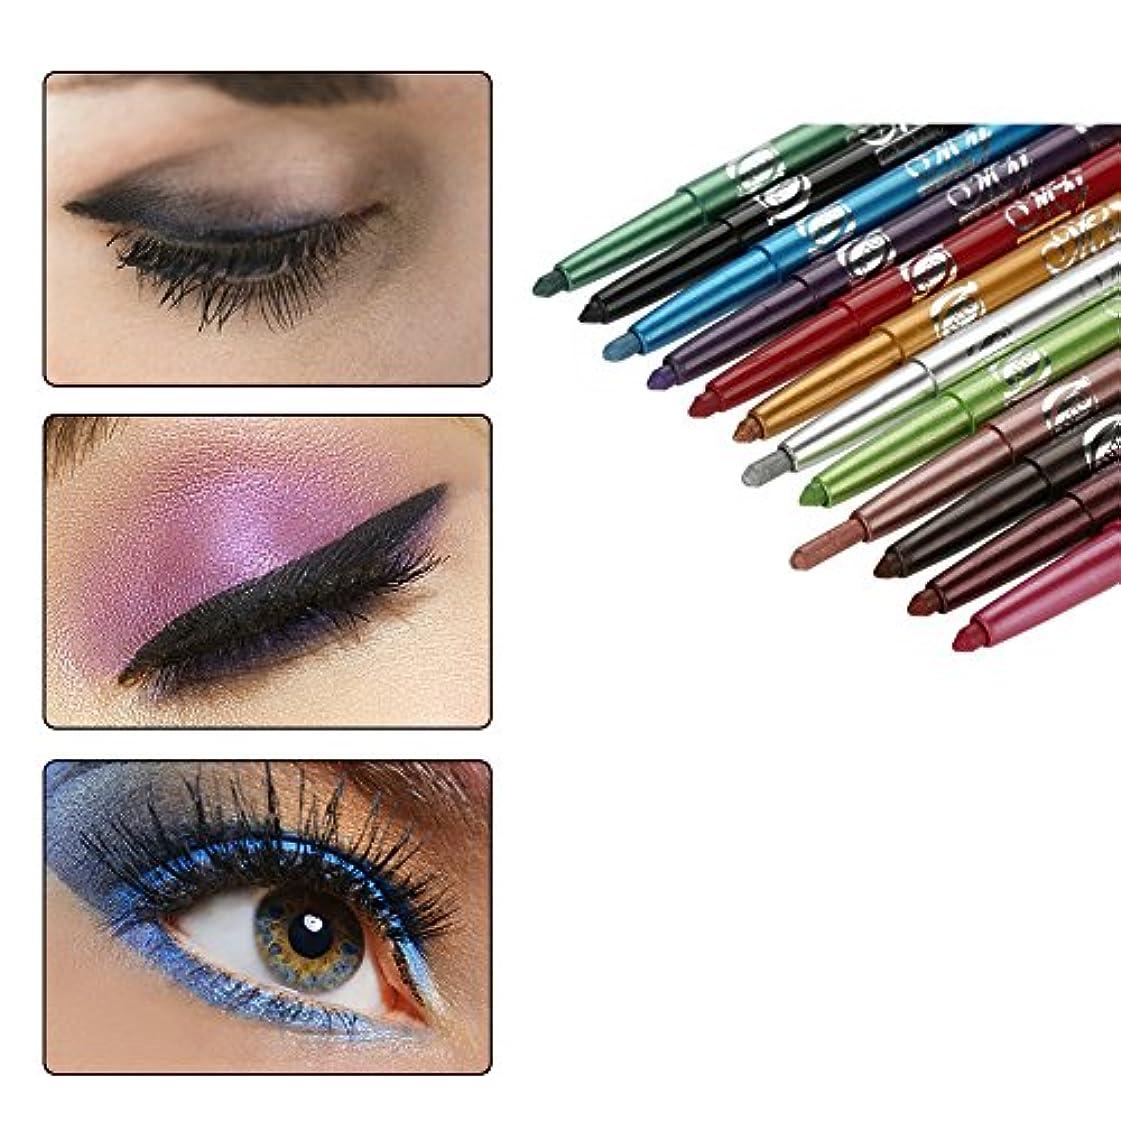 葉いつでも安いです12色のアイシャドーアイライナー リップライナーペンシル 化粧ペン メイクアップセット 防水 長持ち 人気